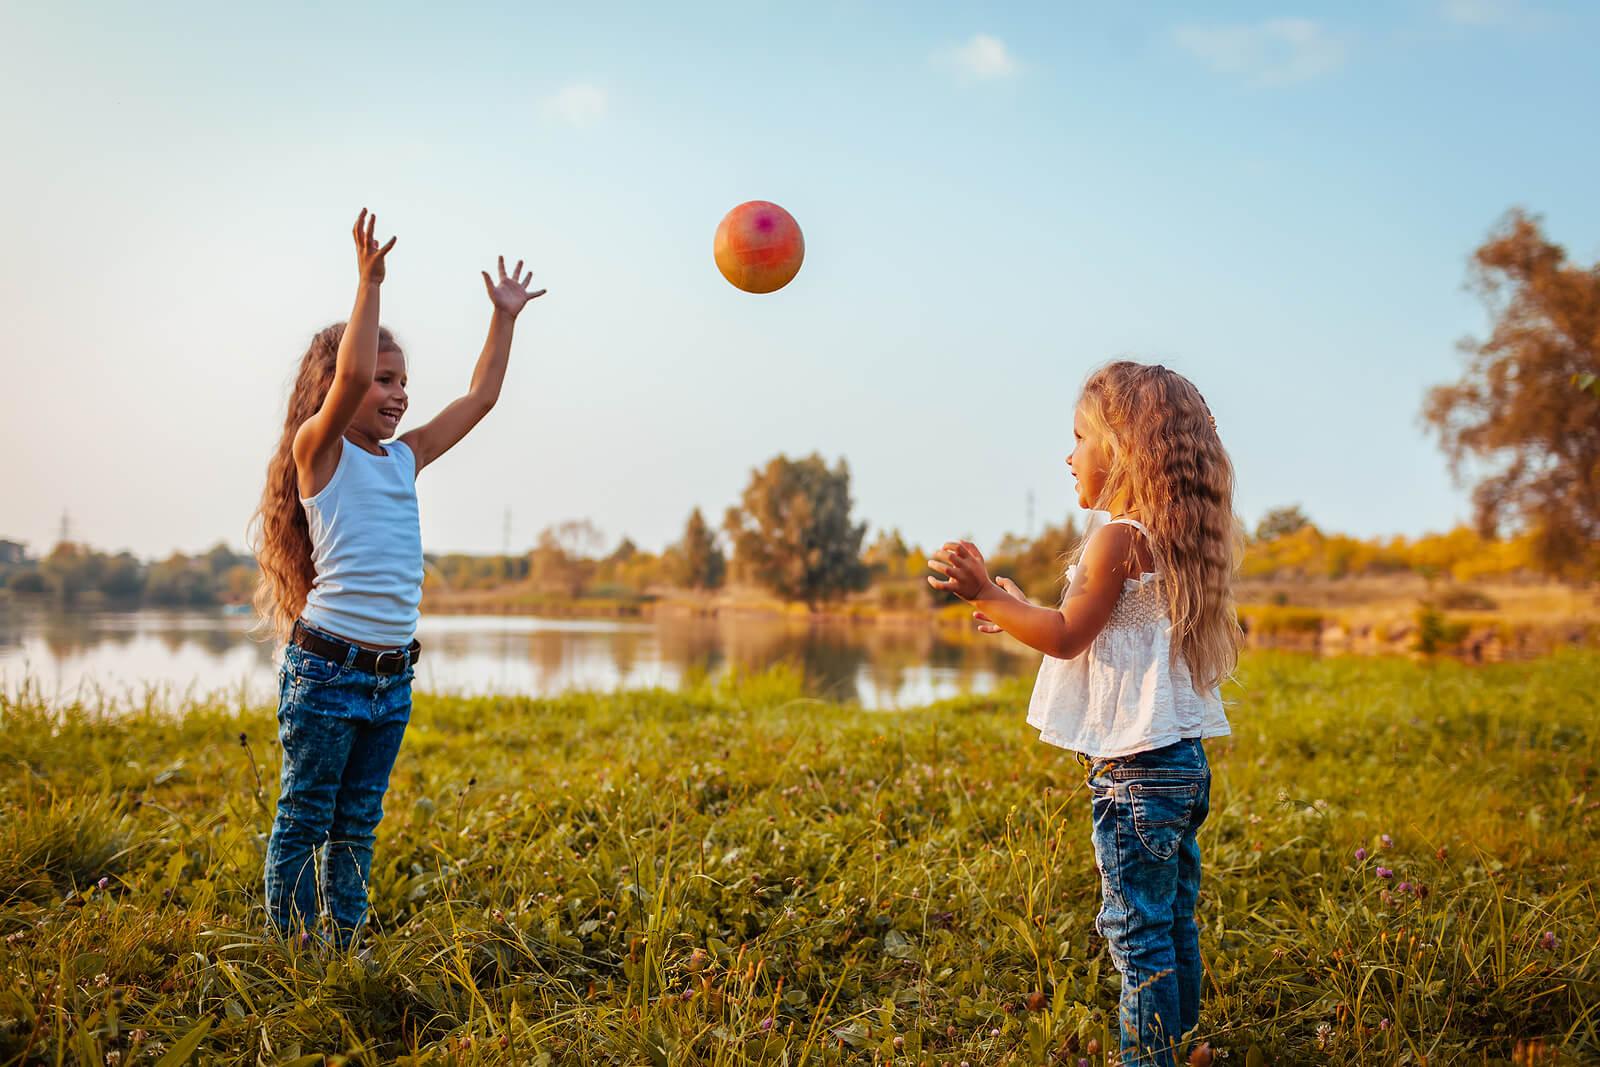 Niñas jugando a la pelota para mejorar la coordinación mano-ojo.